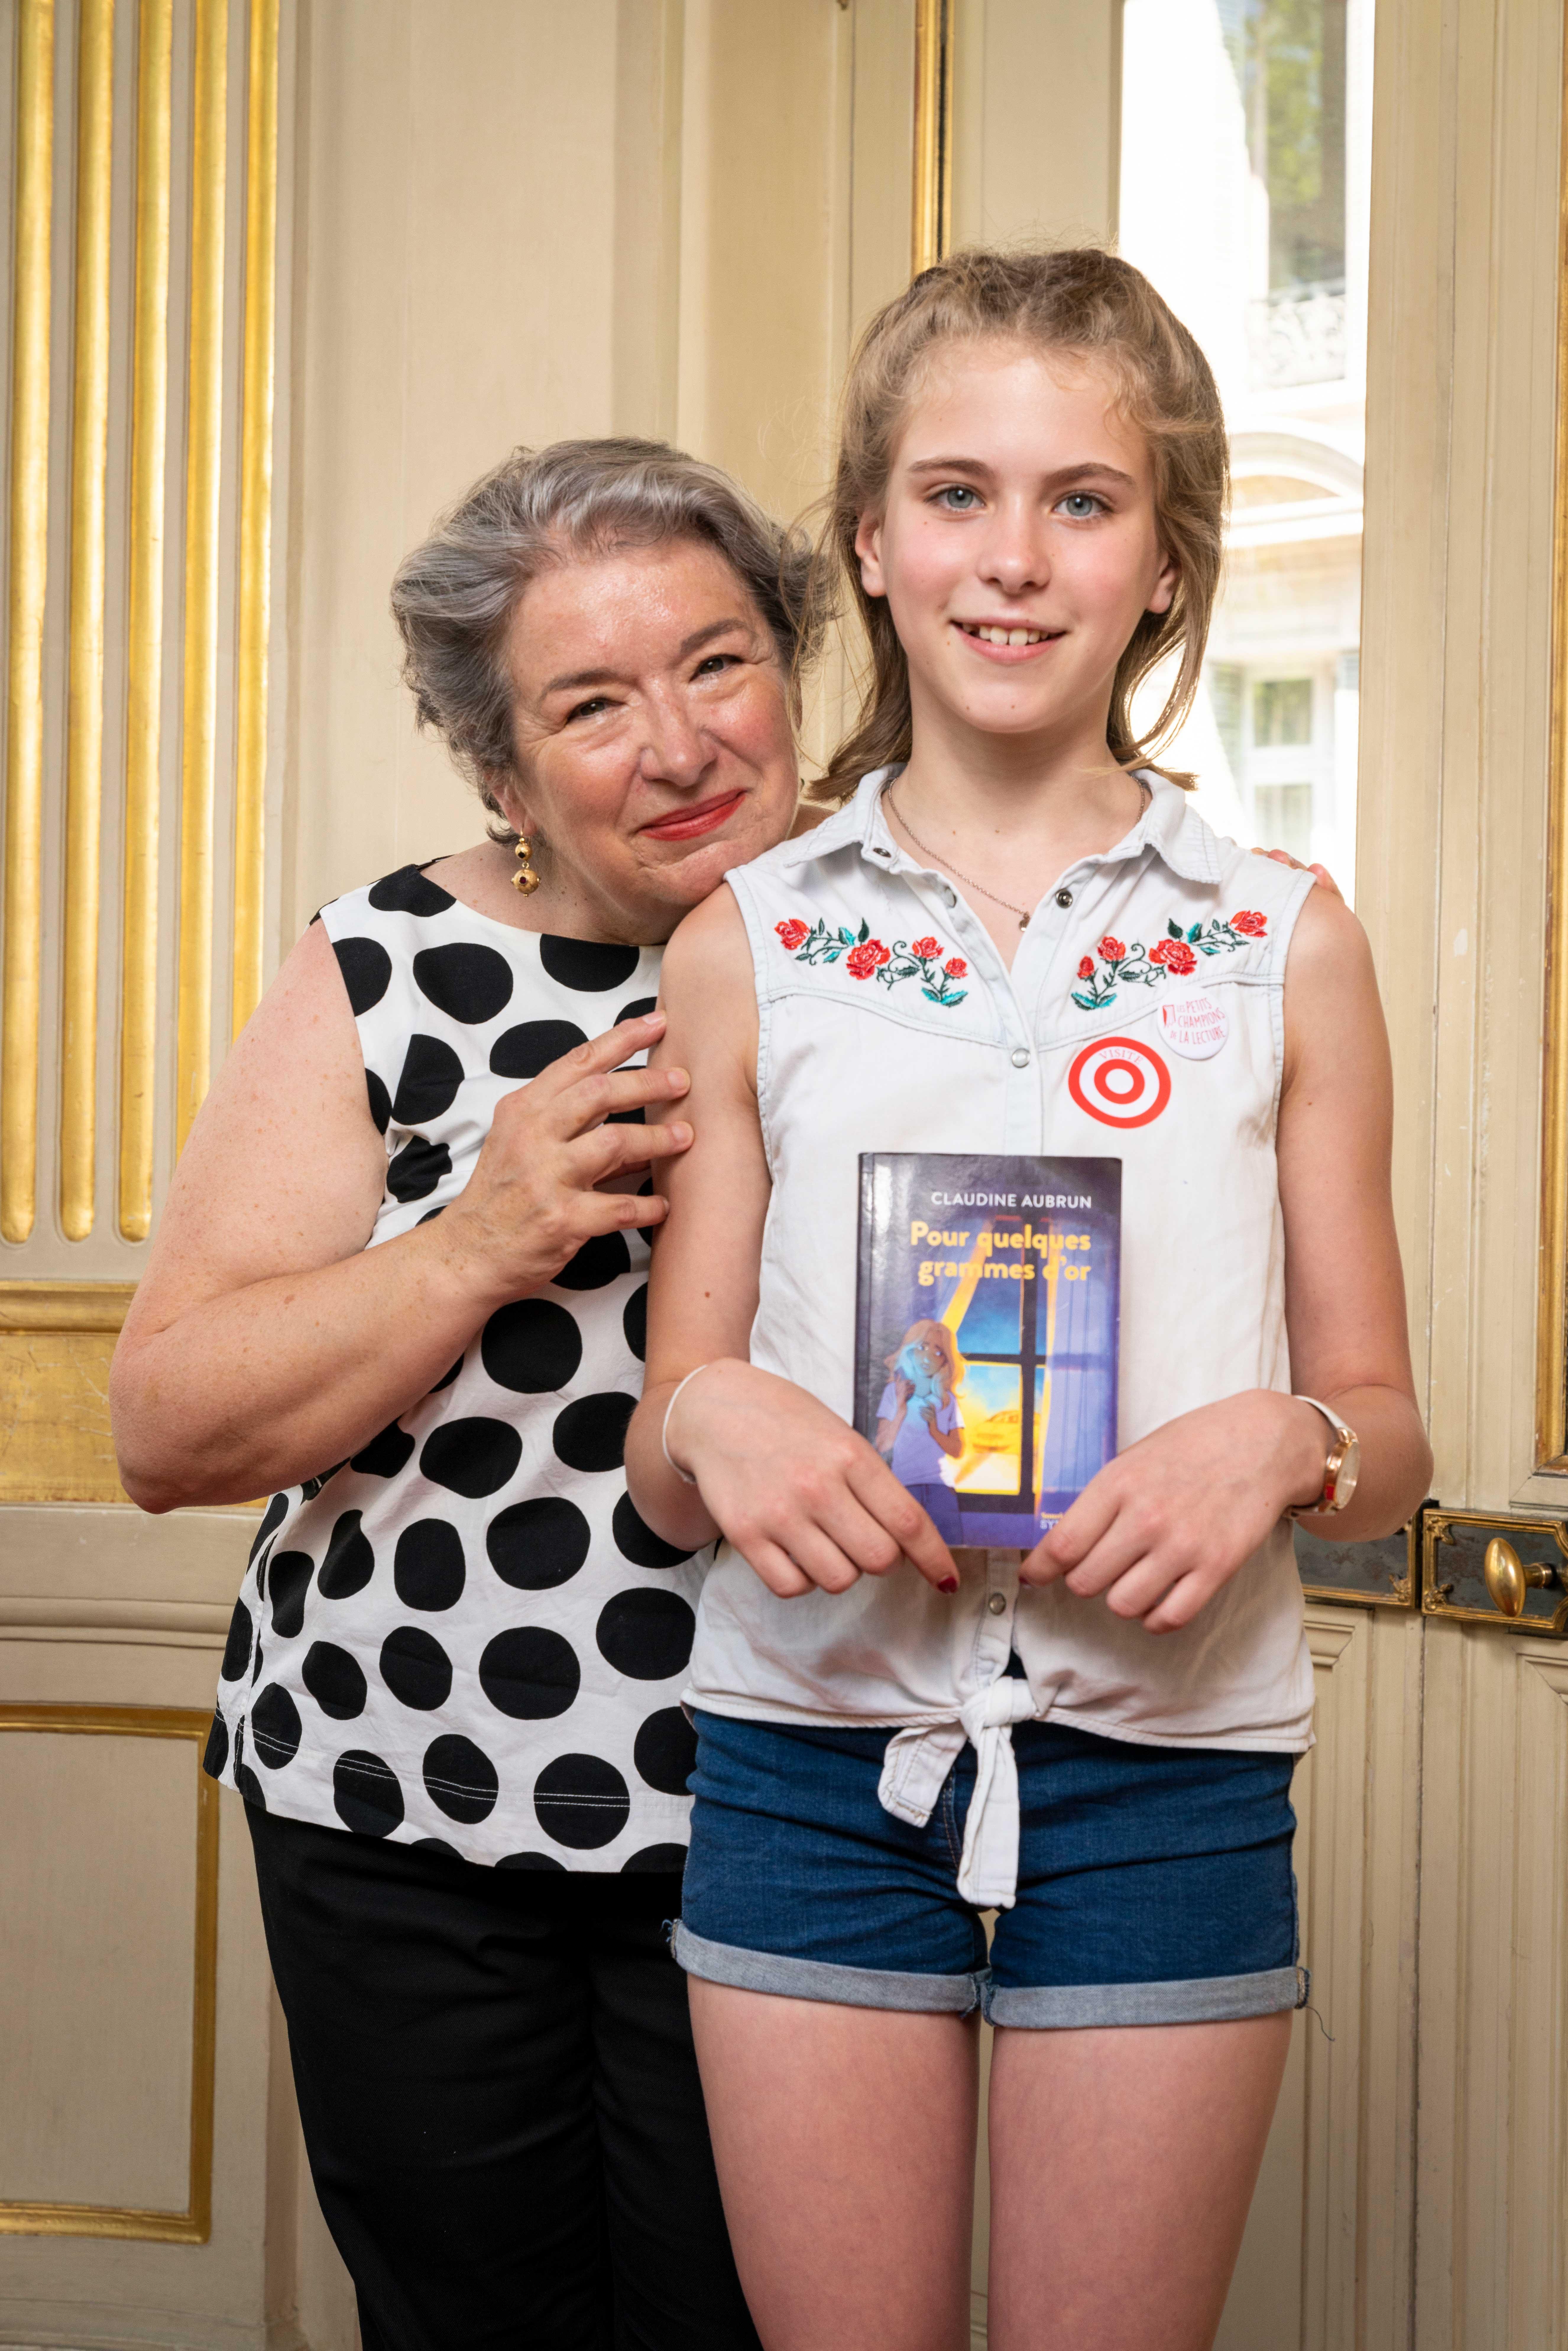 Photop de Pauline et Claudine Aubrun 2019